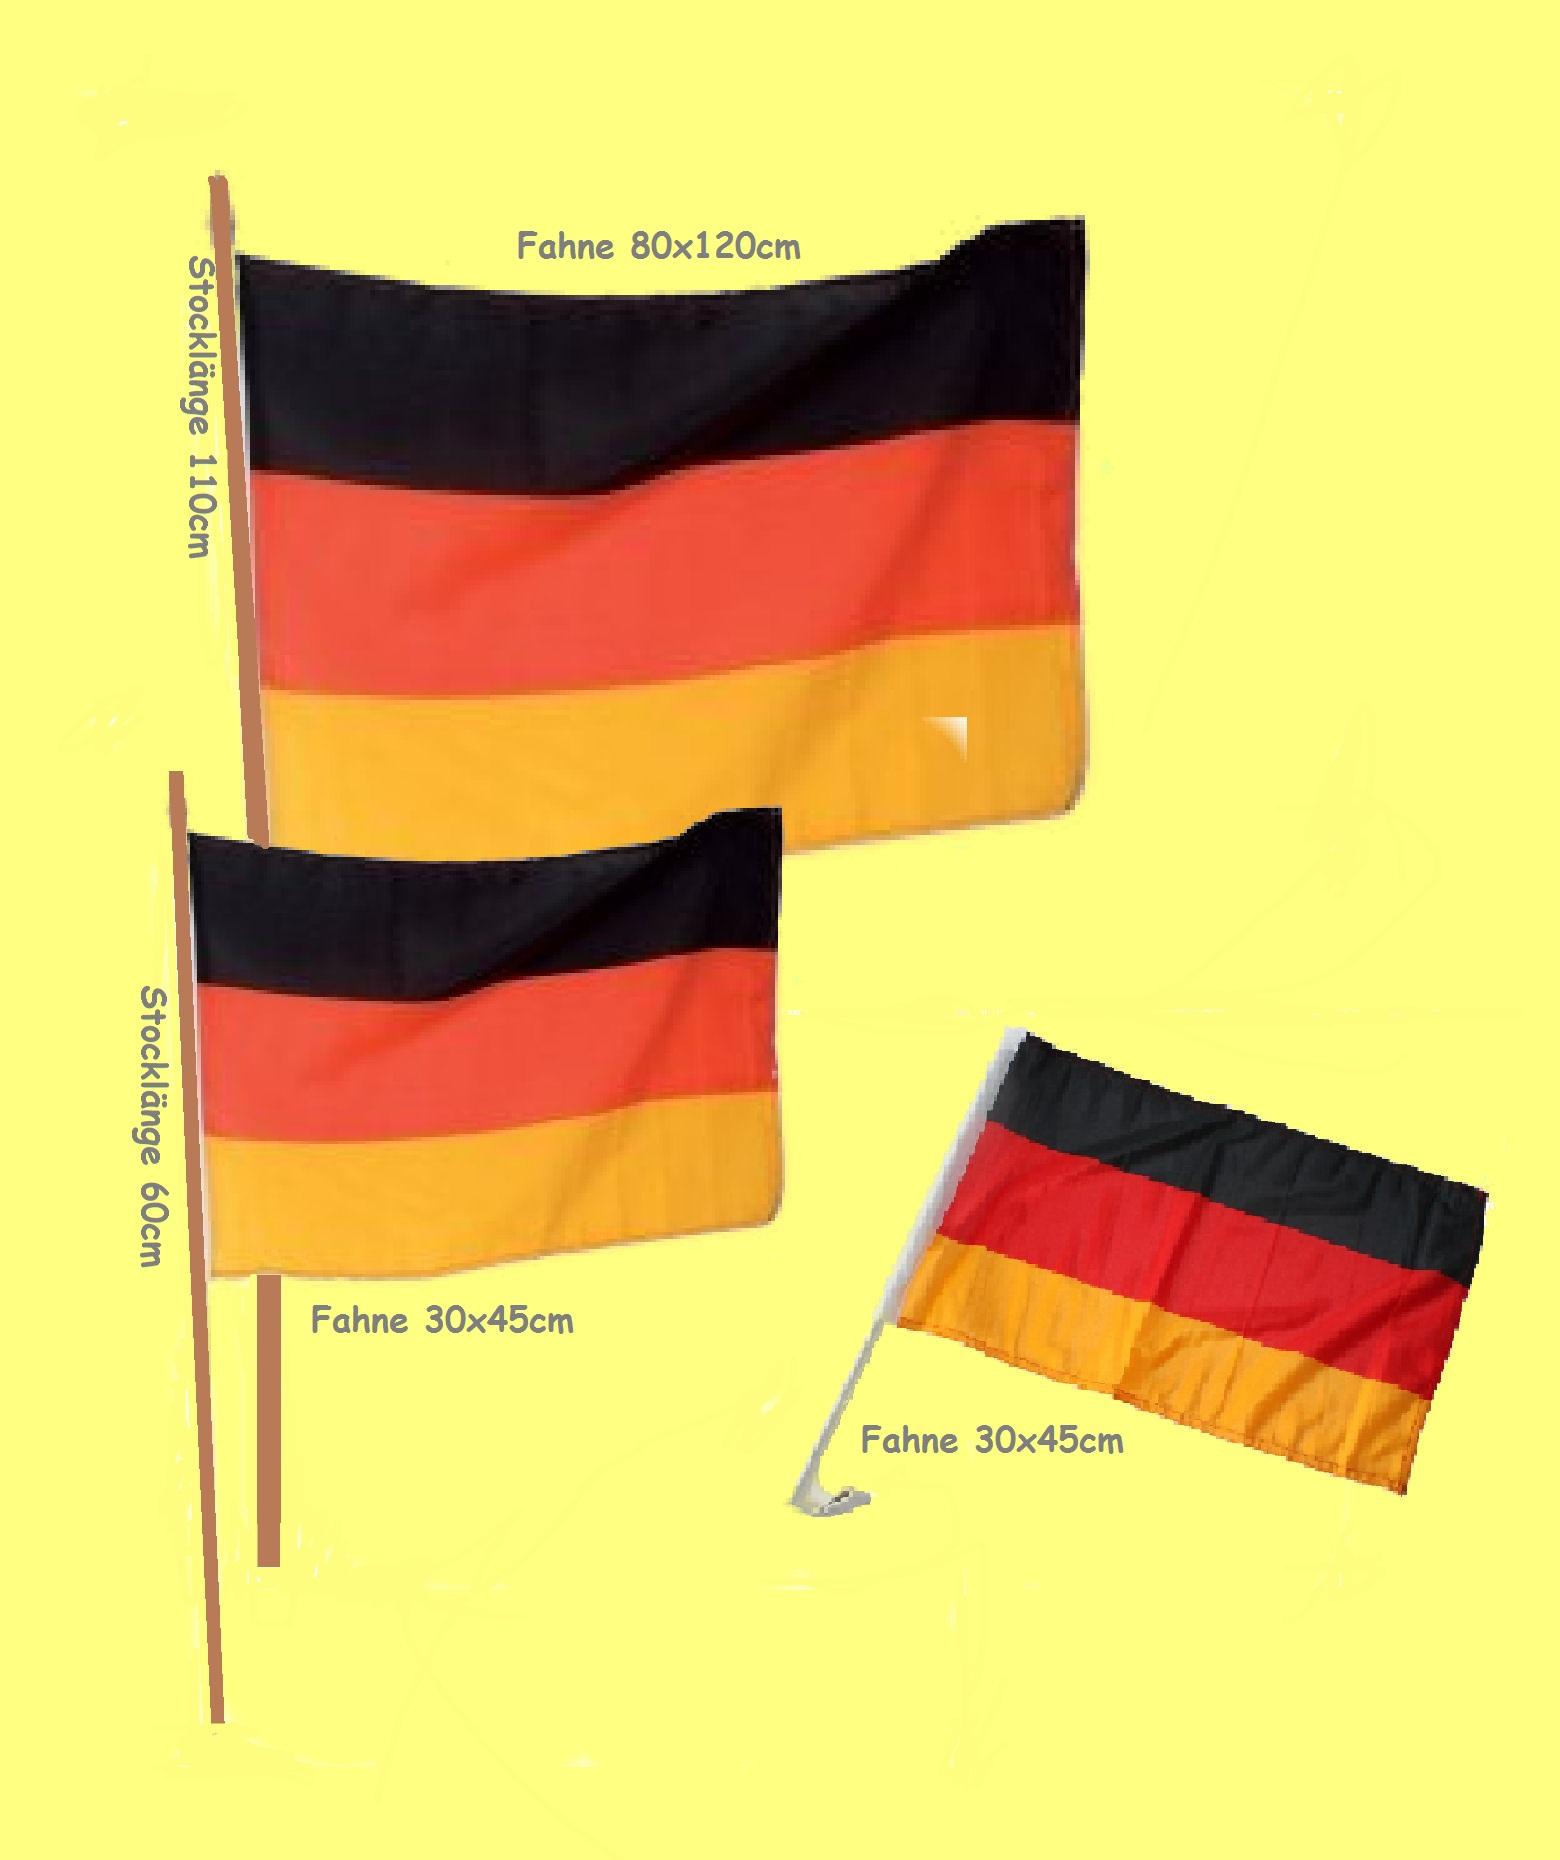 deutschland fahne bilder